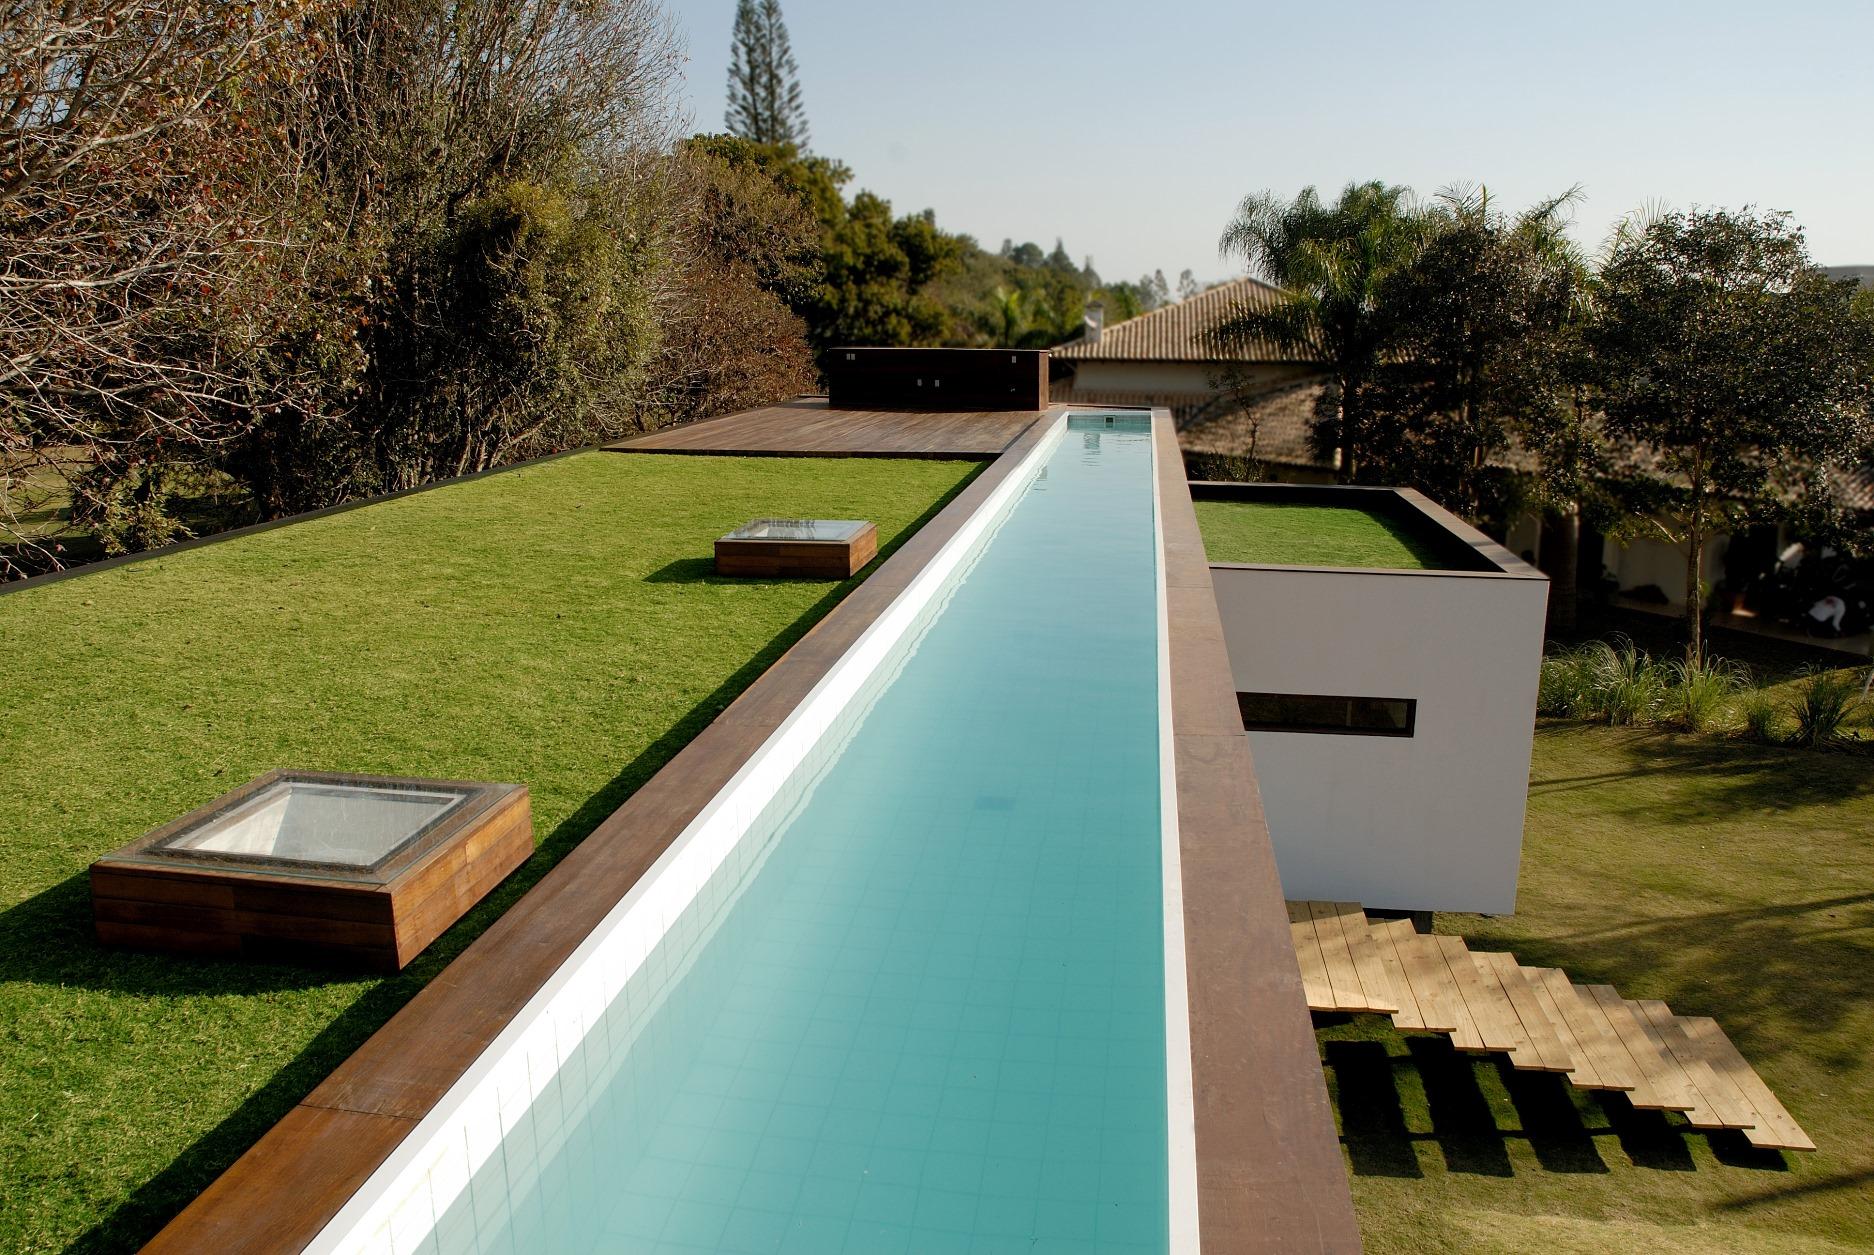 Projeto da Ecotelhado: água é elemento precioso no design biofílico. Foto: Divulgação.